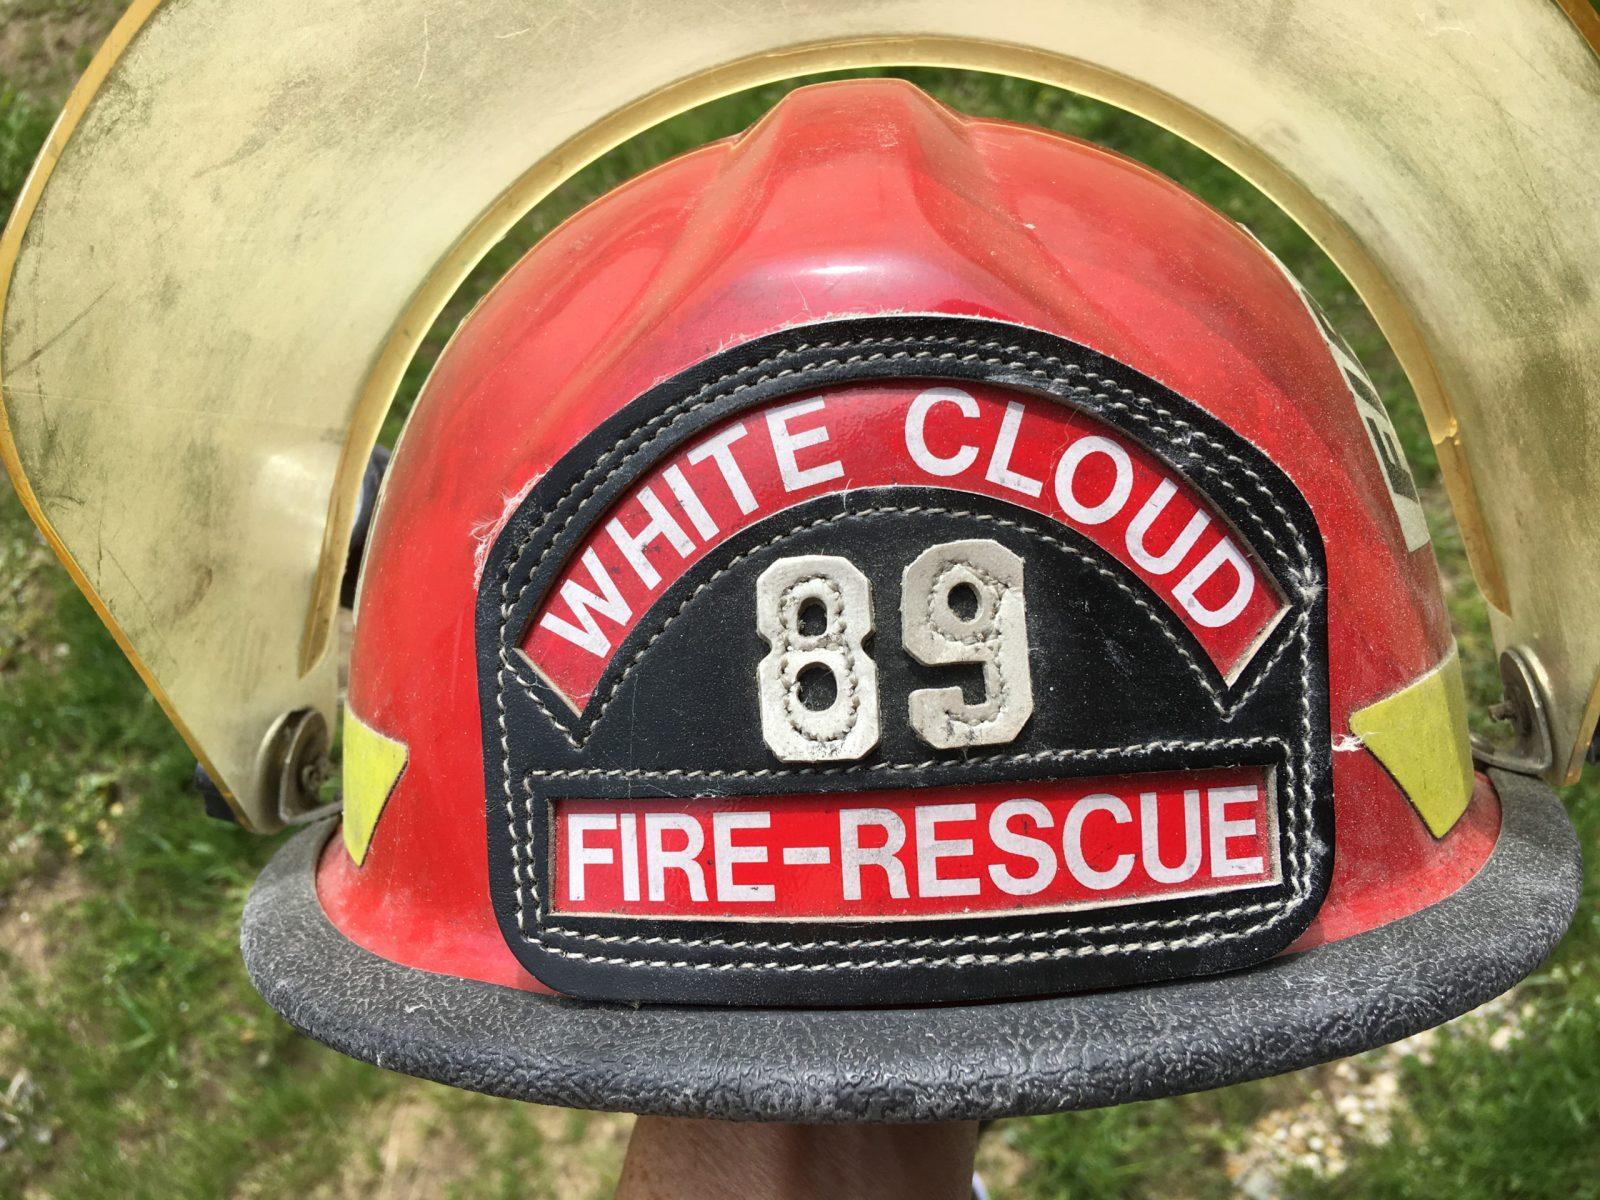 firefighter helmet 1889 WCFD - image